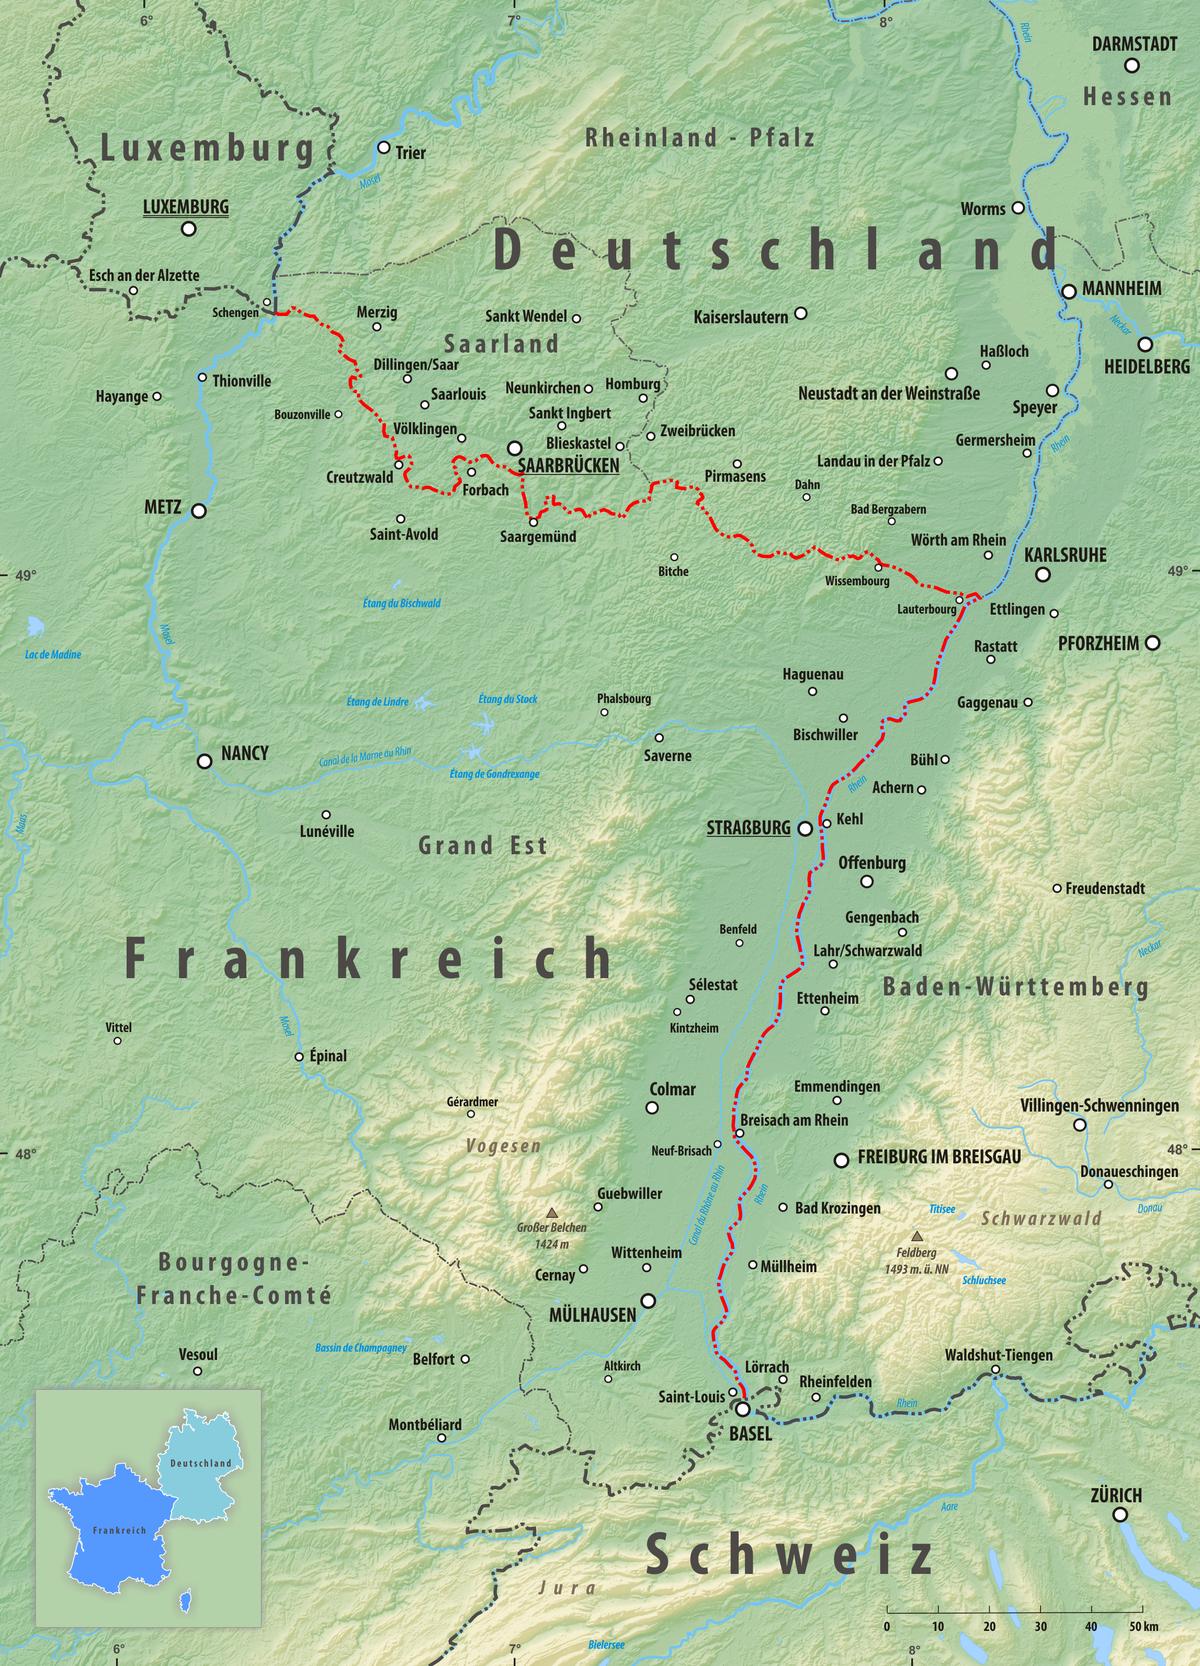 Grenze Zwischen Deutschland Und Frankreich